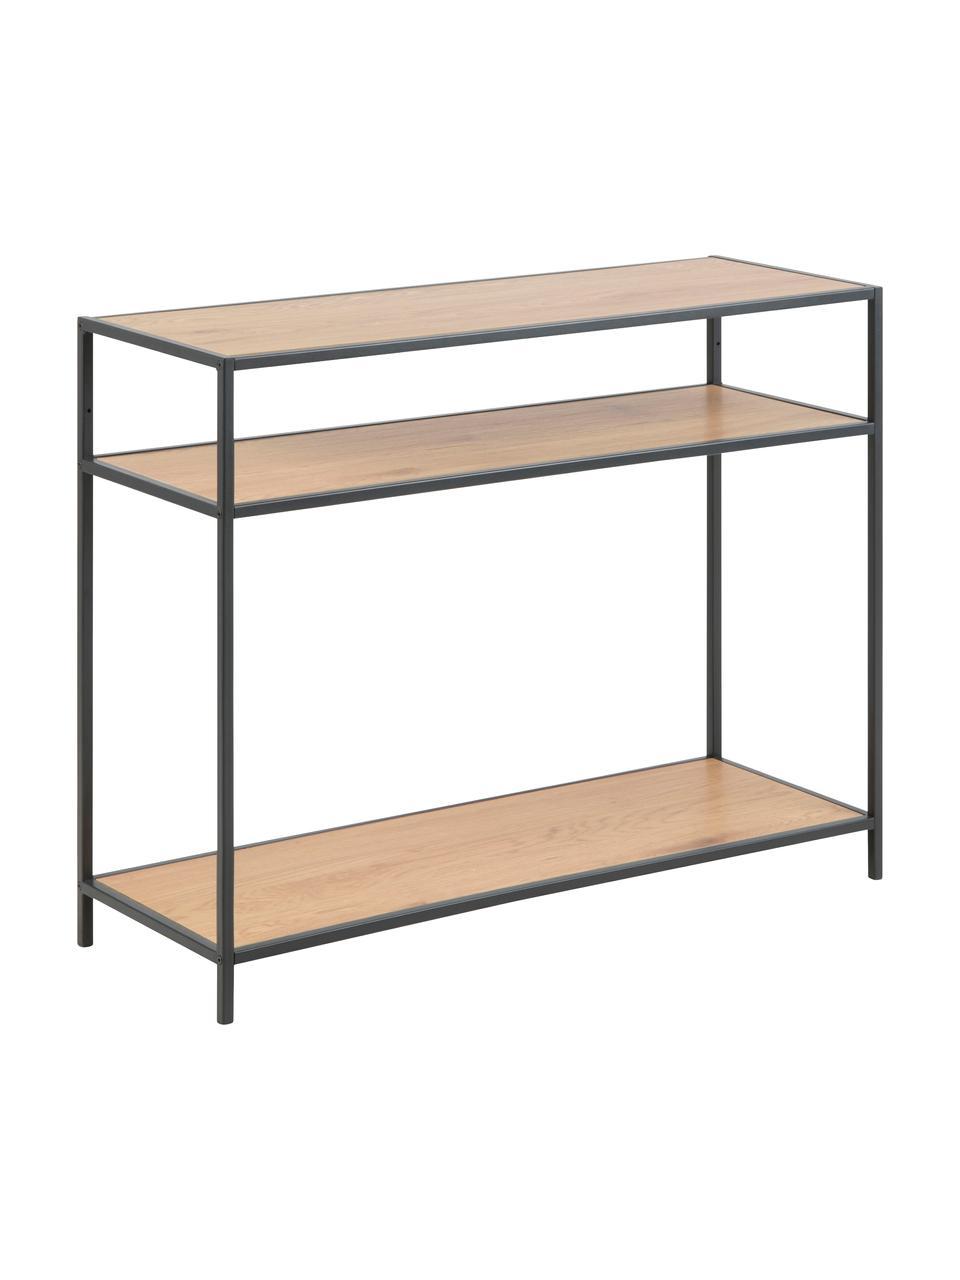 Wandtafel Seaford van hout en metaal, Frame: gepoedercoat metaal, Planken: eikenhoutkleurig. Frame: zwart, B 100 x D 35 cm